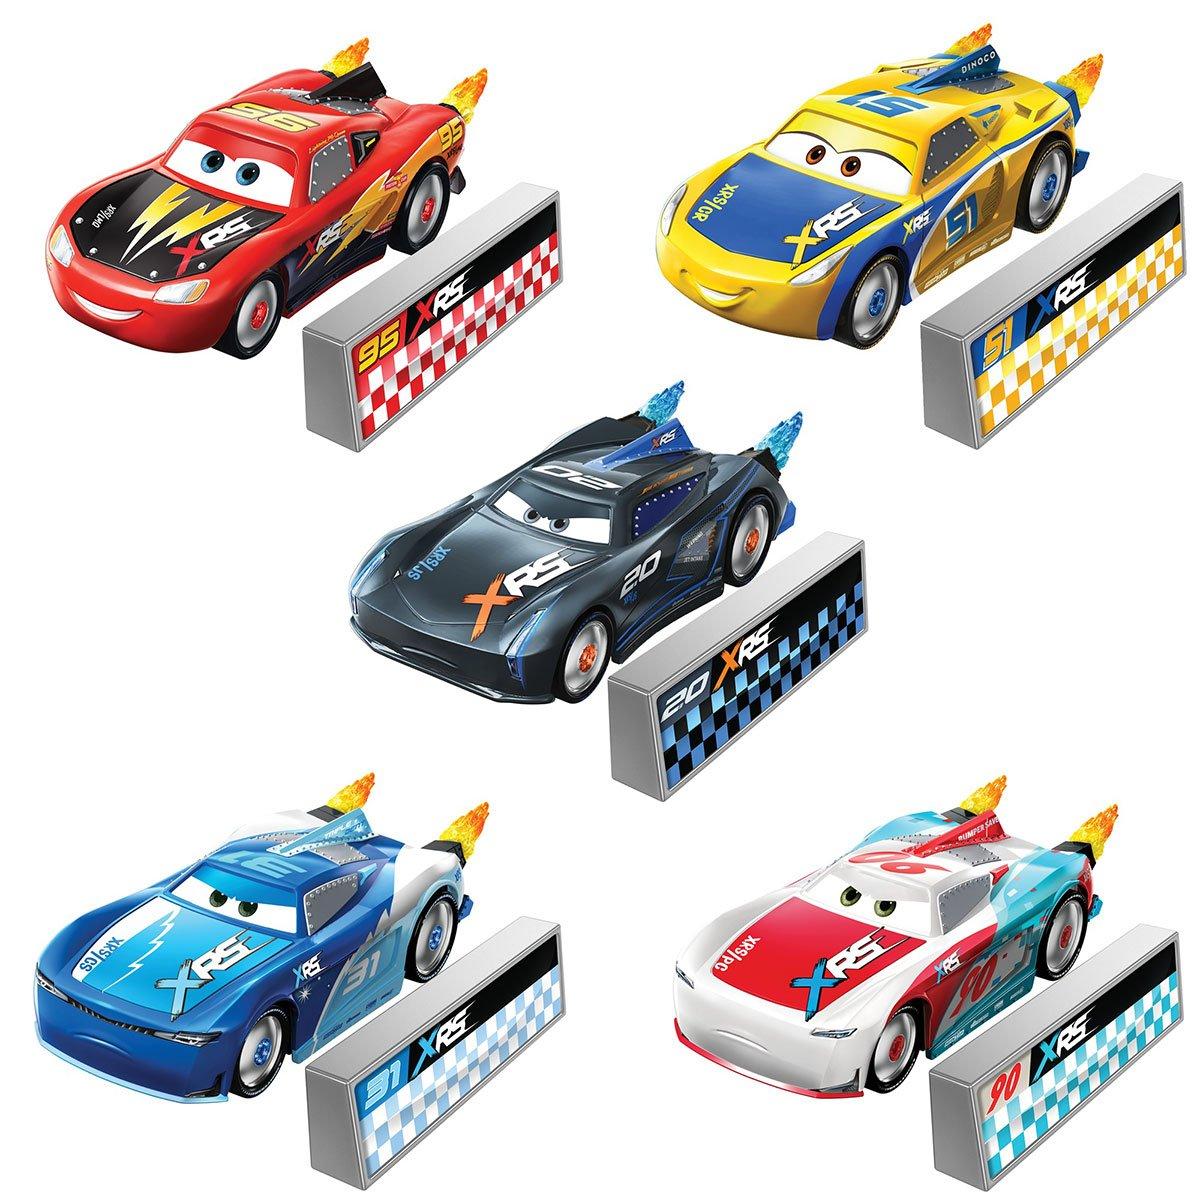 Lotees Enfants Rc voiture de sport Buggy voiture t/él/écommand/ée escalade de voiture radiocommand/ée Voiture /électrique Voiture /à grande vitesse voiture Escalade hors course sur route en alliage Mat/ériel